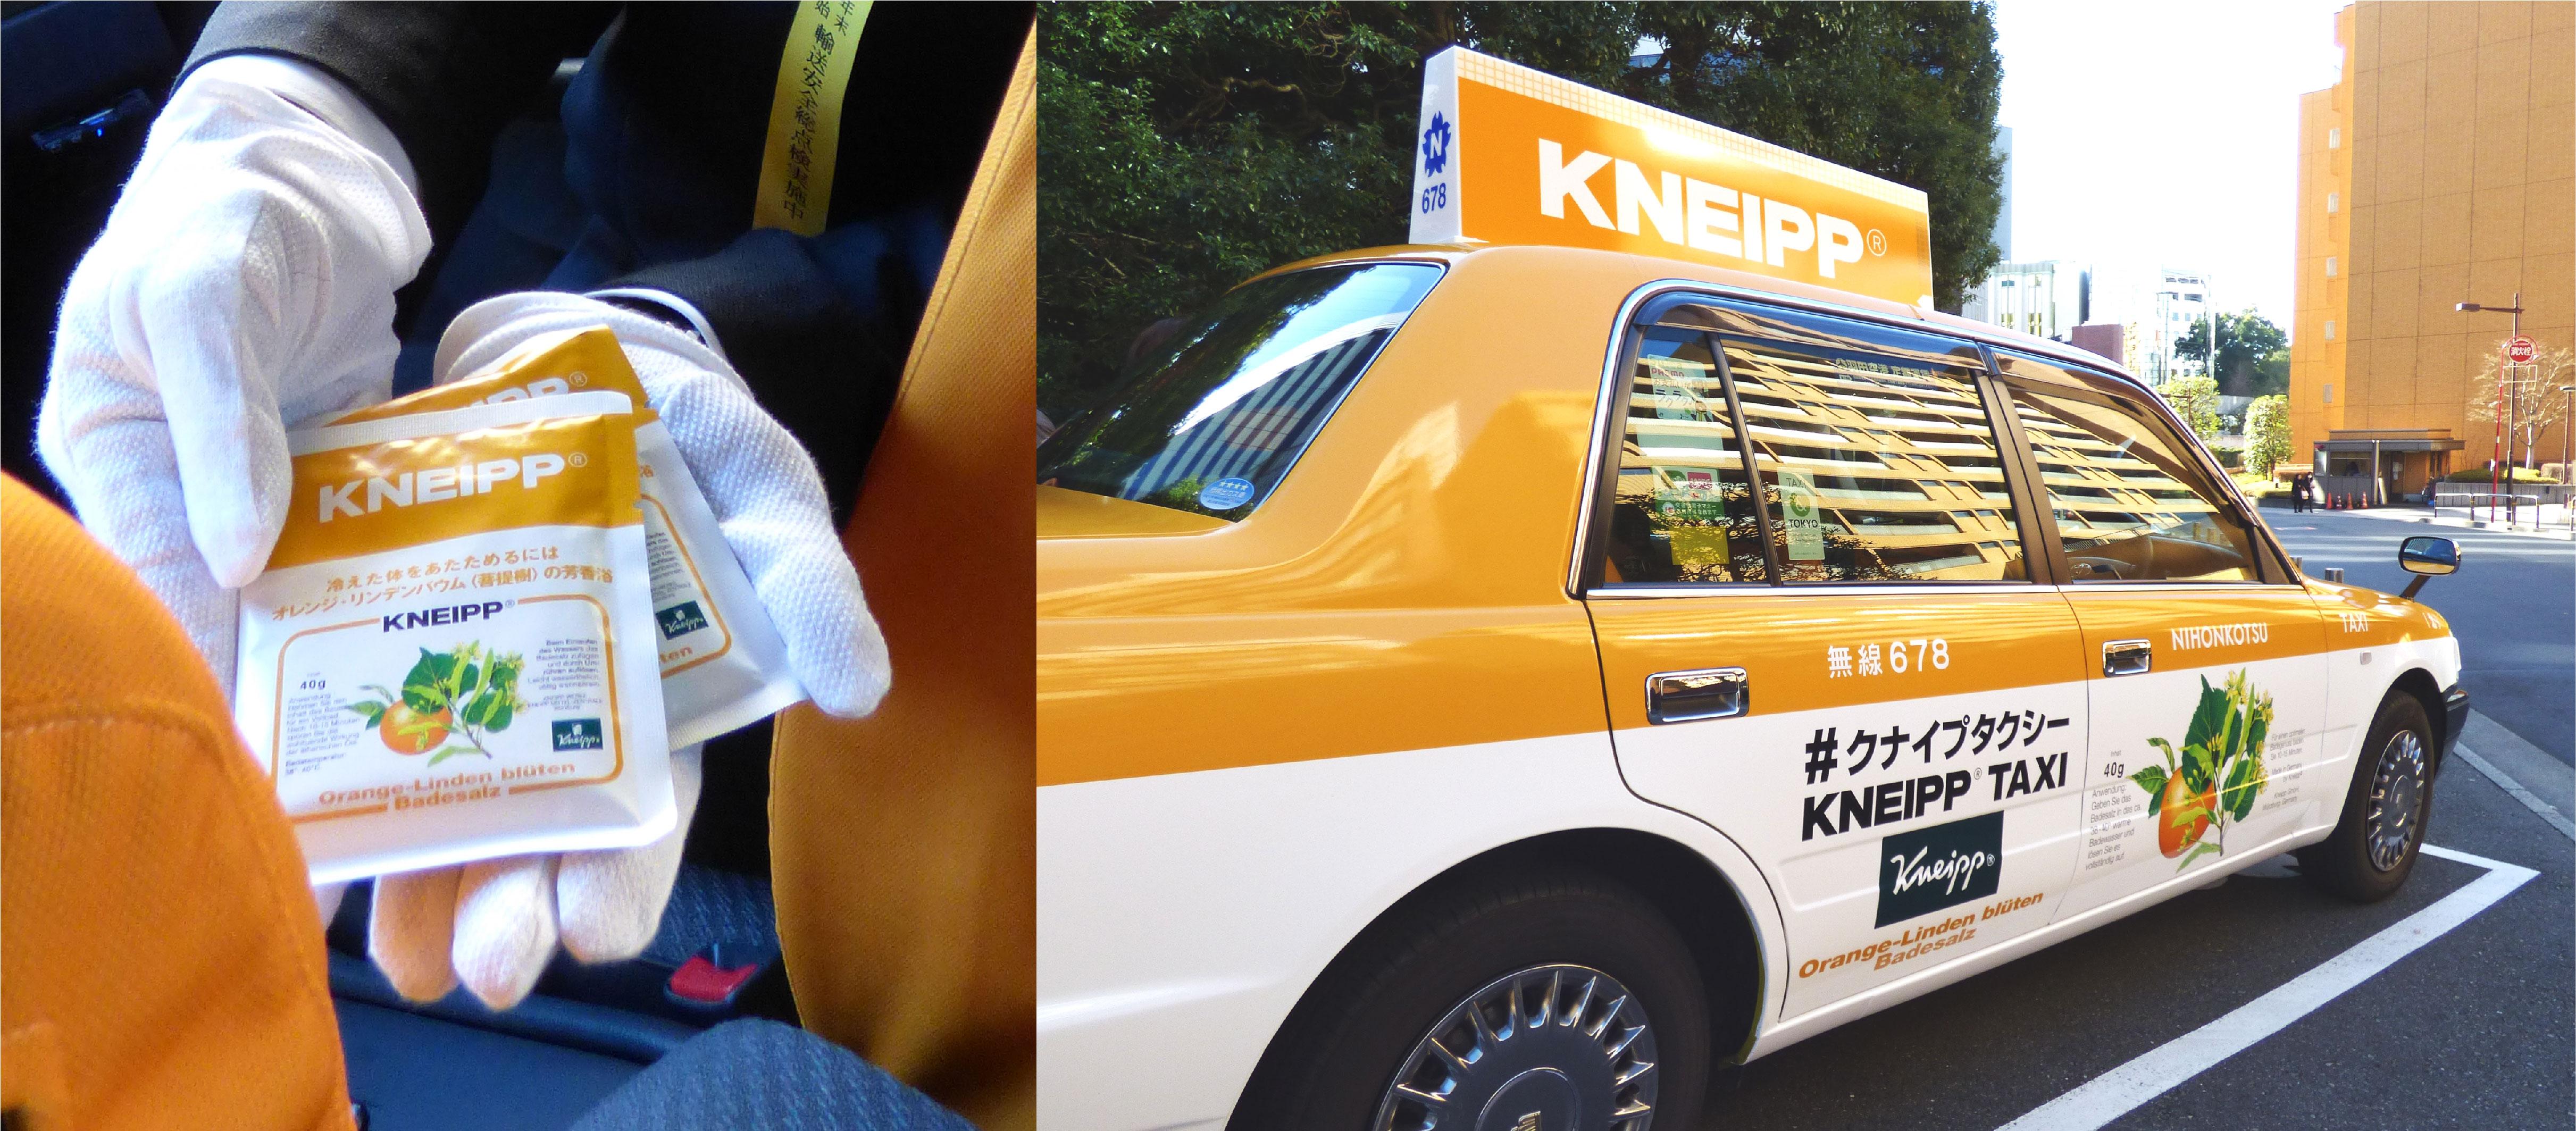 とにかく目立つ! 「日本交通×メーカー」のコラボタクシー。